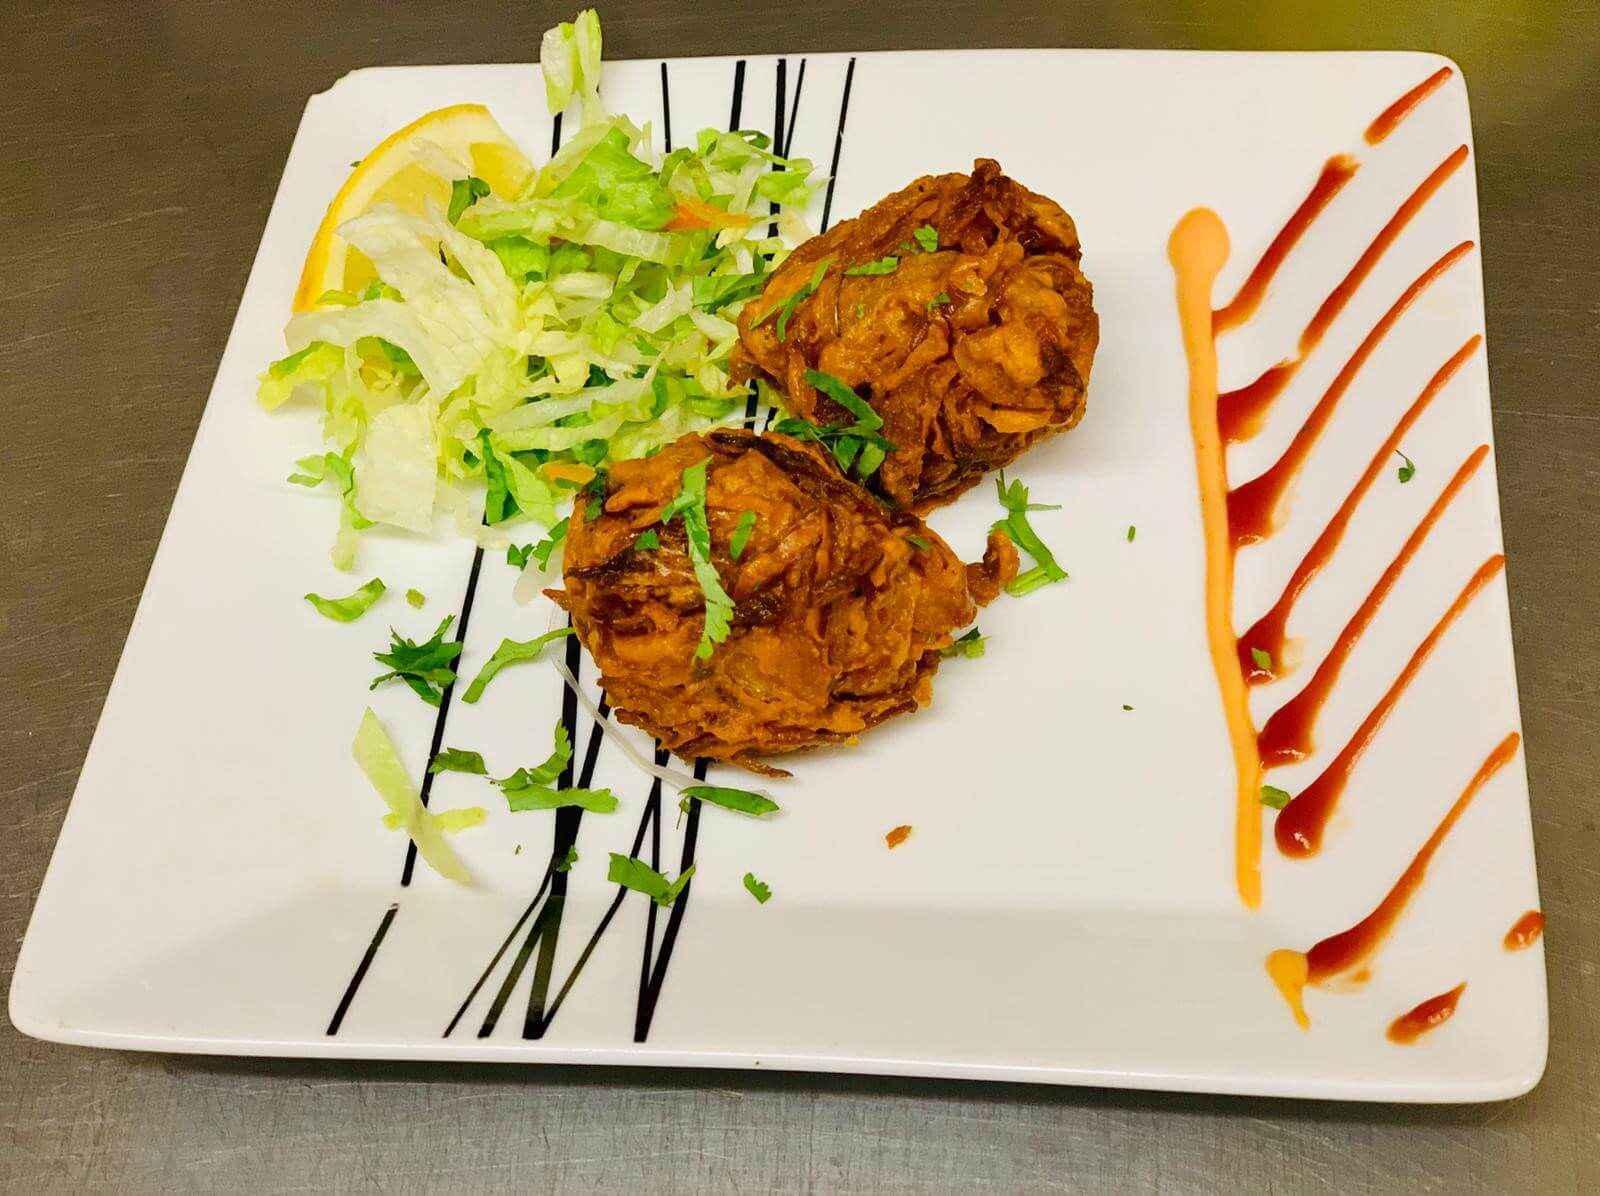 25. Indian Food at Khan Restaurant KT17